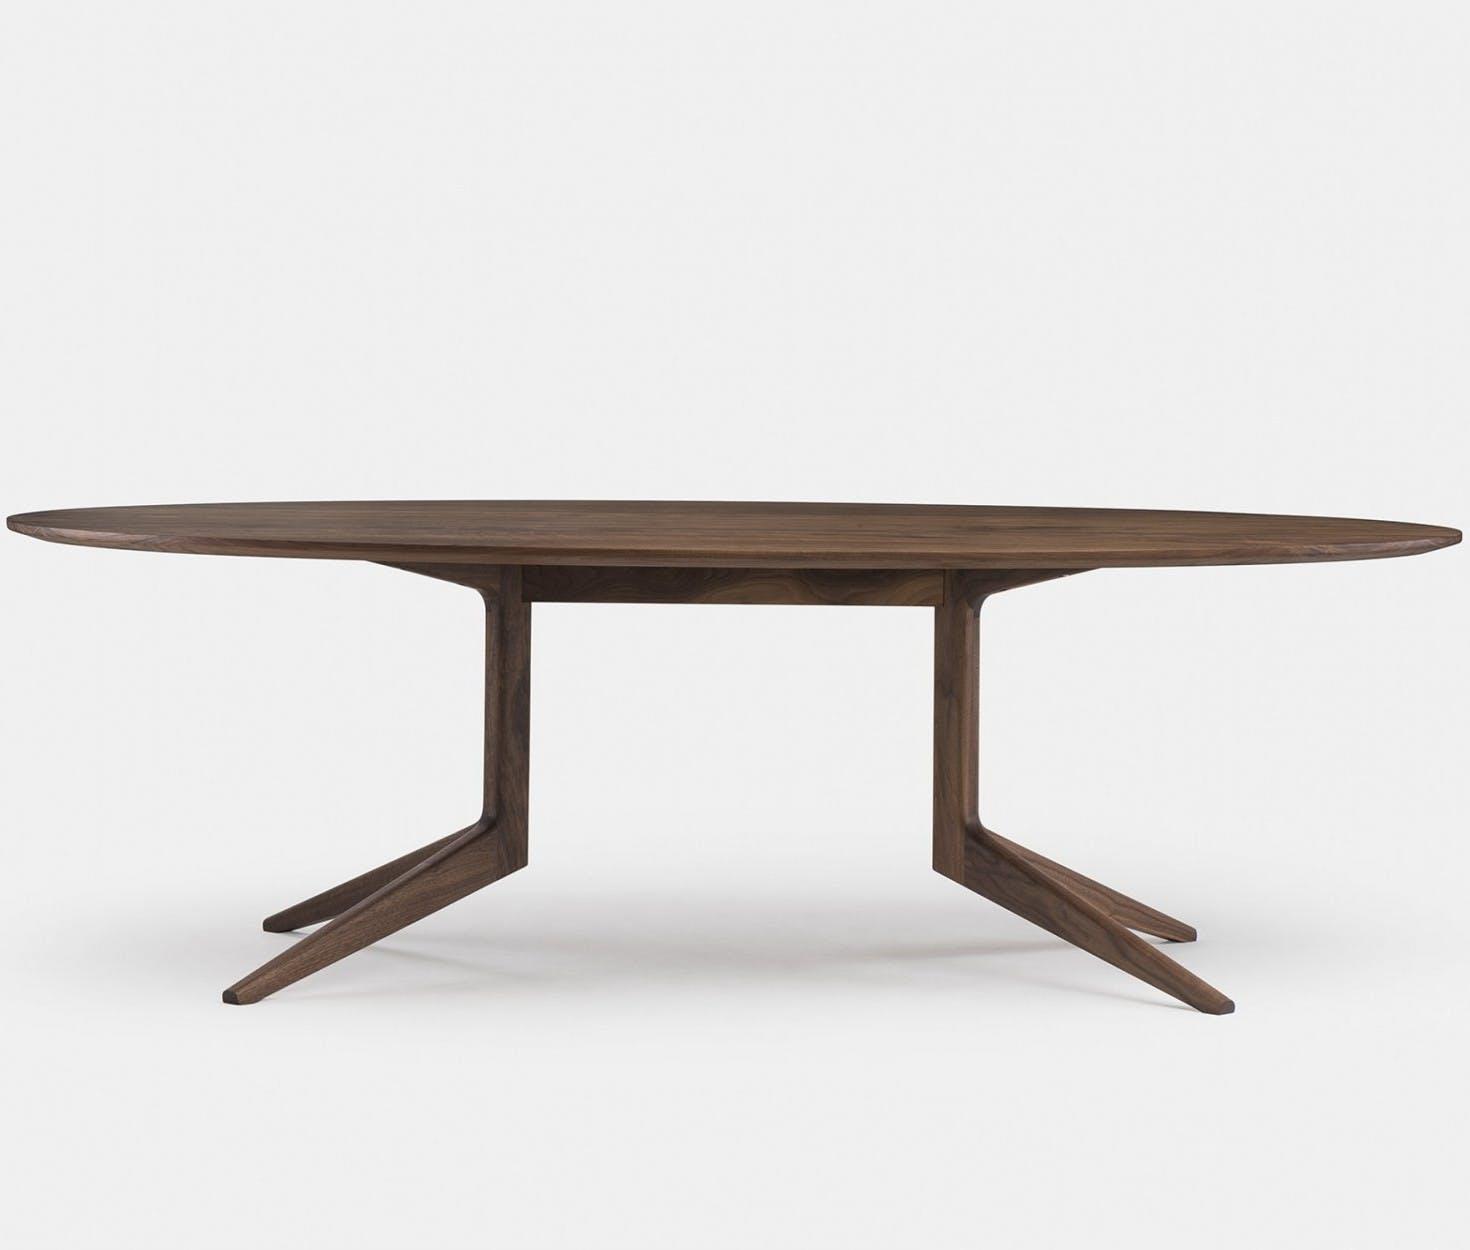 394Fm Light Oval Table By Matthew Hilton In Walnut Frontweb 1840X1250